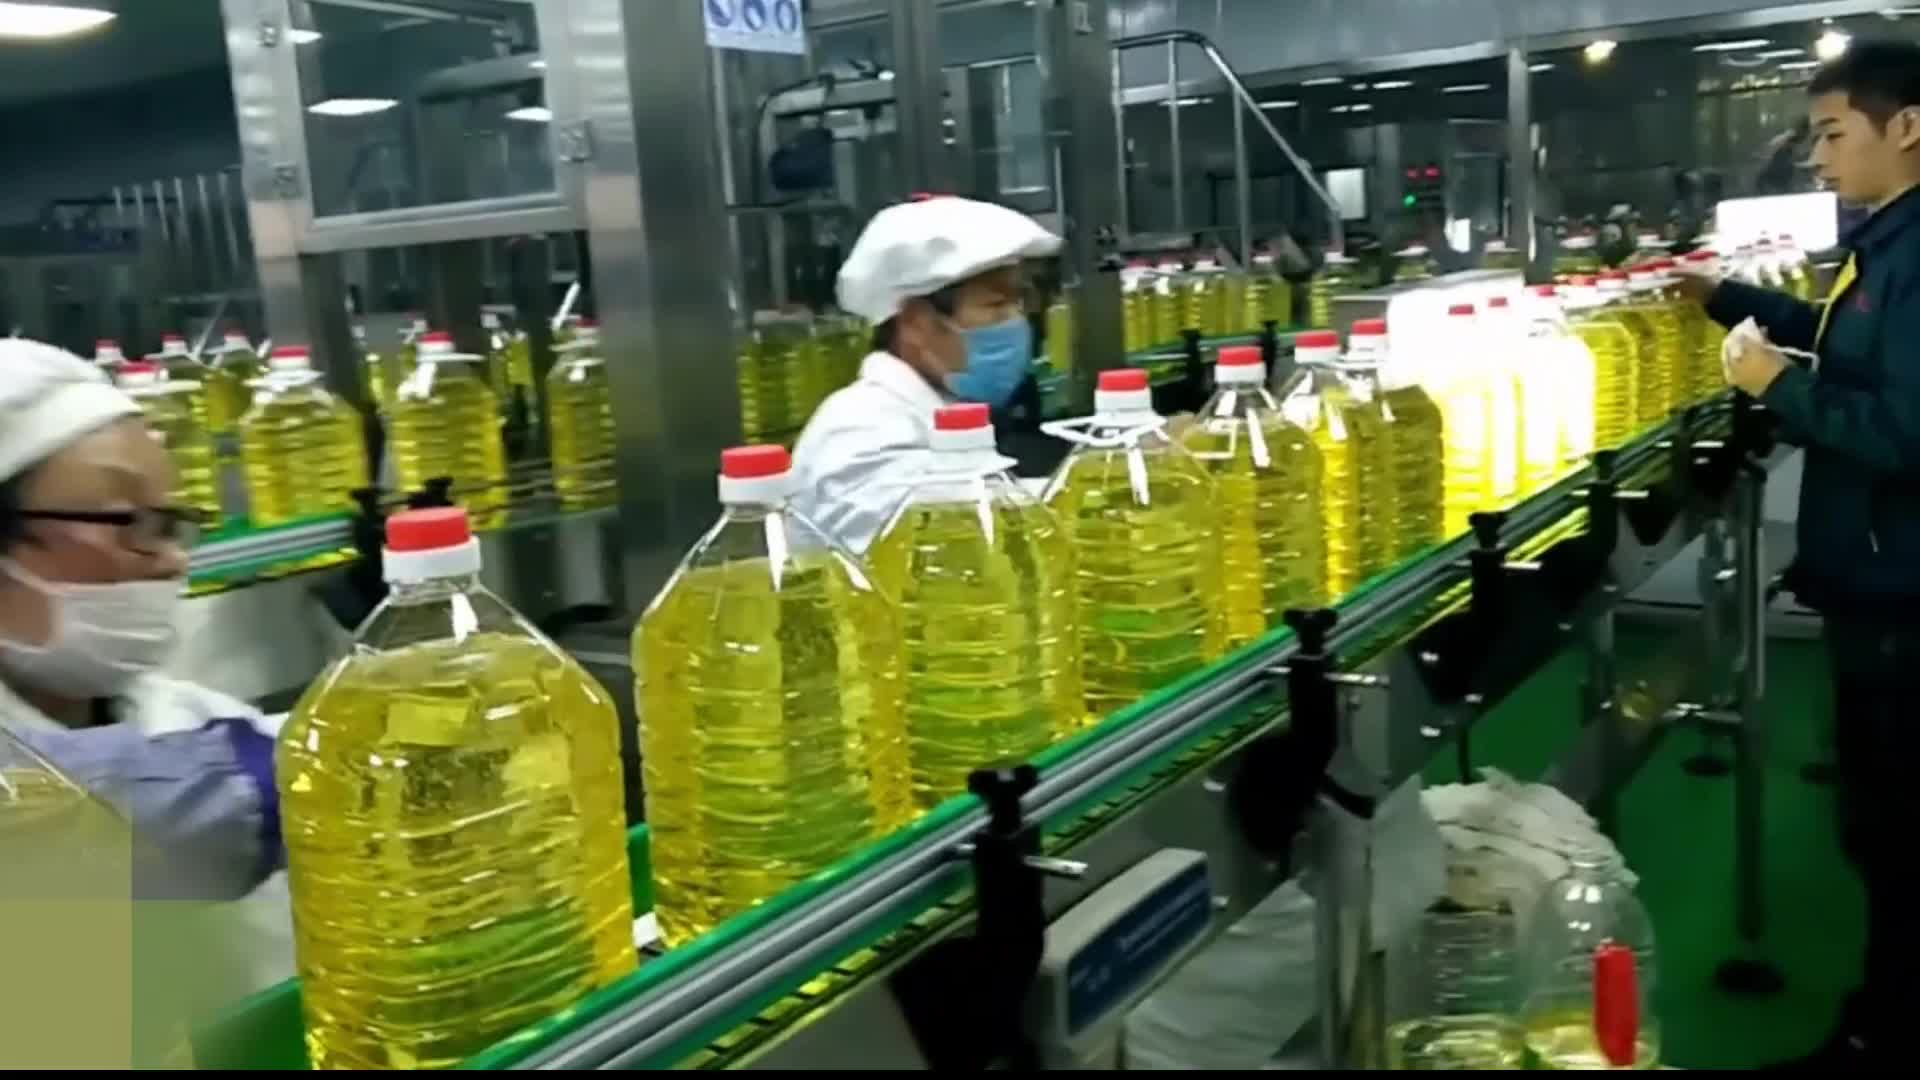 Produksi Cepat Rotary Saus Botol Mesin Tomat Pasta Mengisi Line